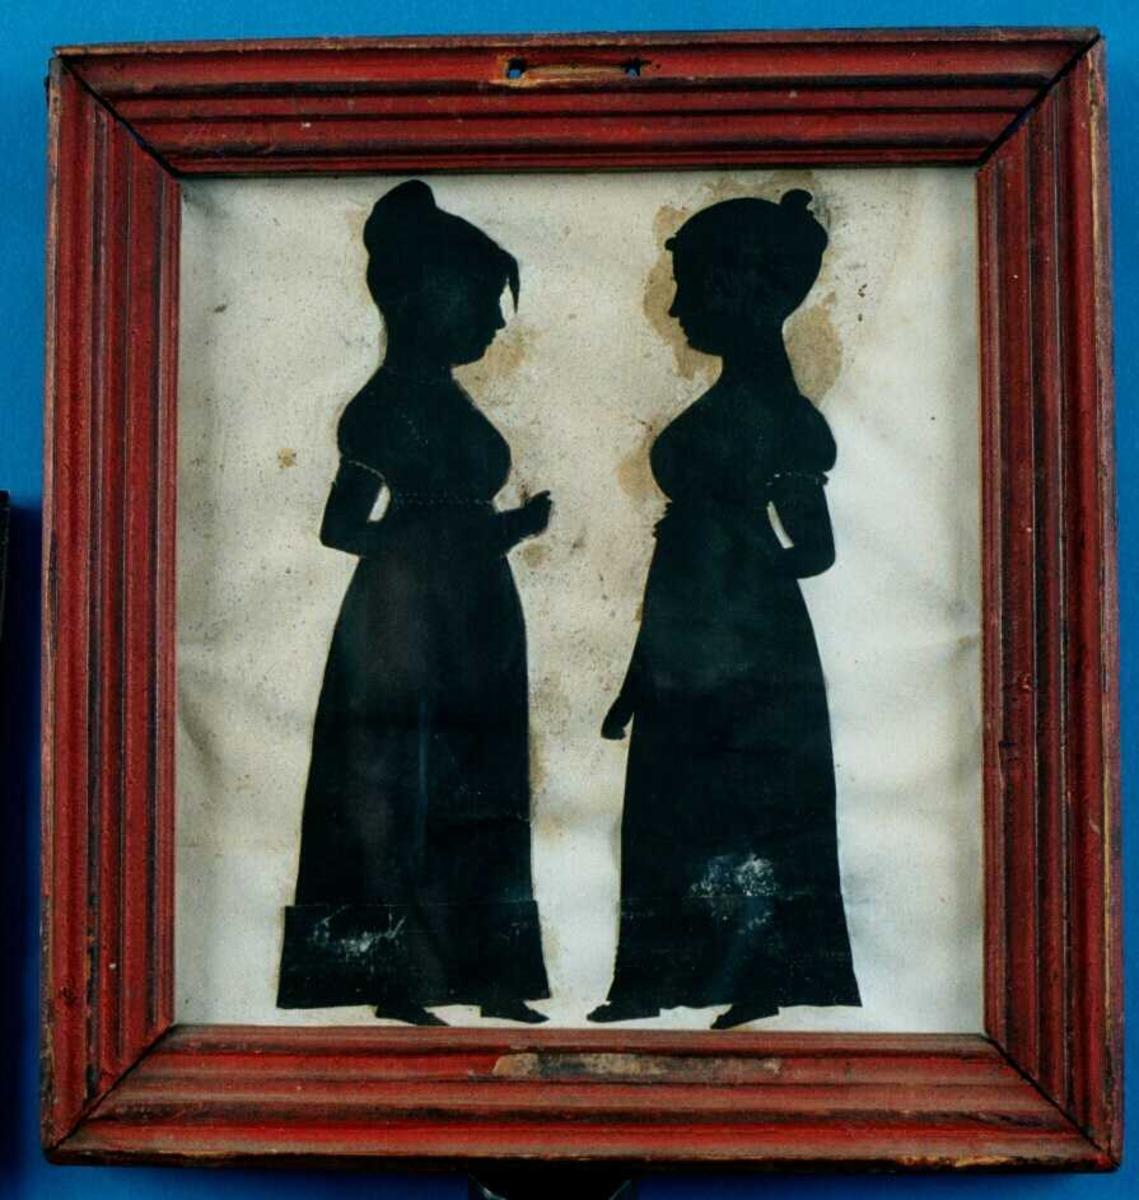 2 unge piker i helfigur med ansiktene vendt mot hverandre begge med oppsatt hår. Kledd i empirekjoler.  Silhouetter av frkn. Norberg og Hornbech. 1805.  Jentene må være født ca. 1790. 15 år i 1805.